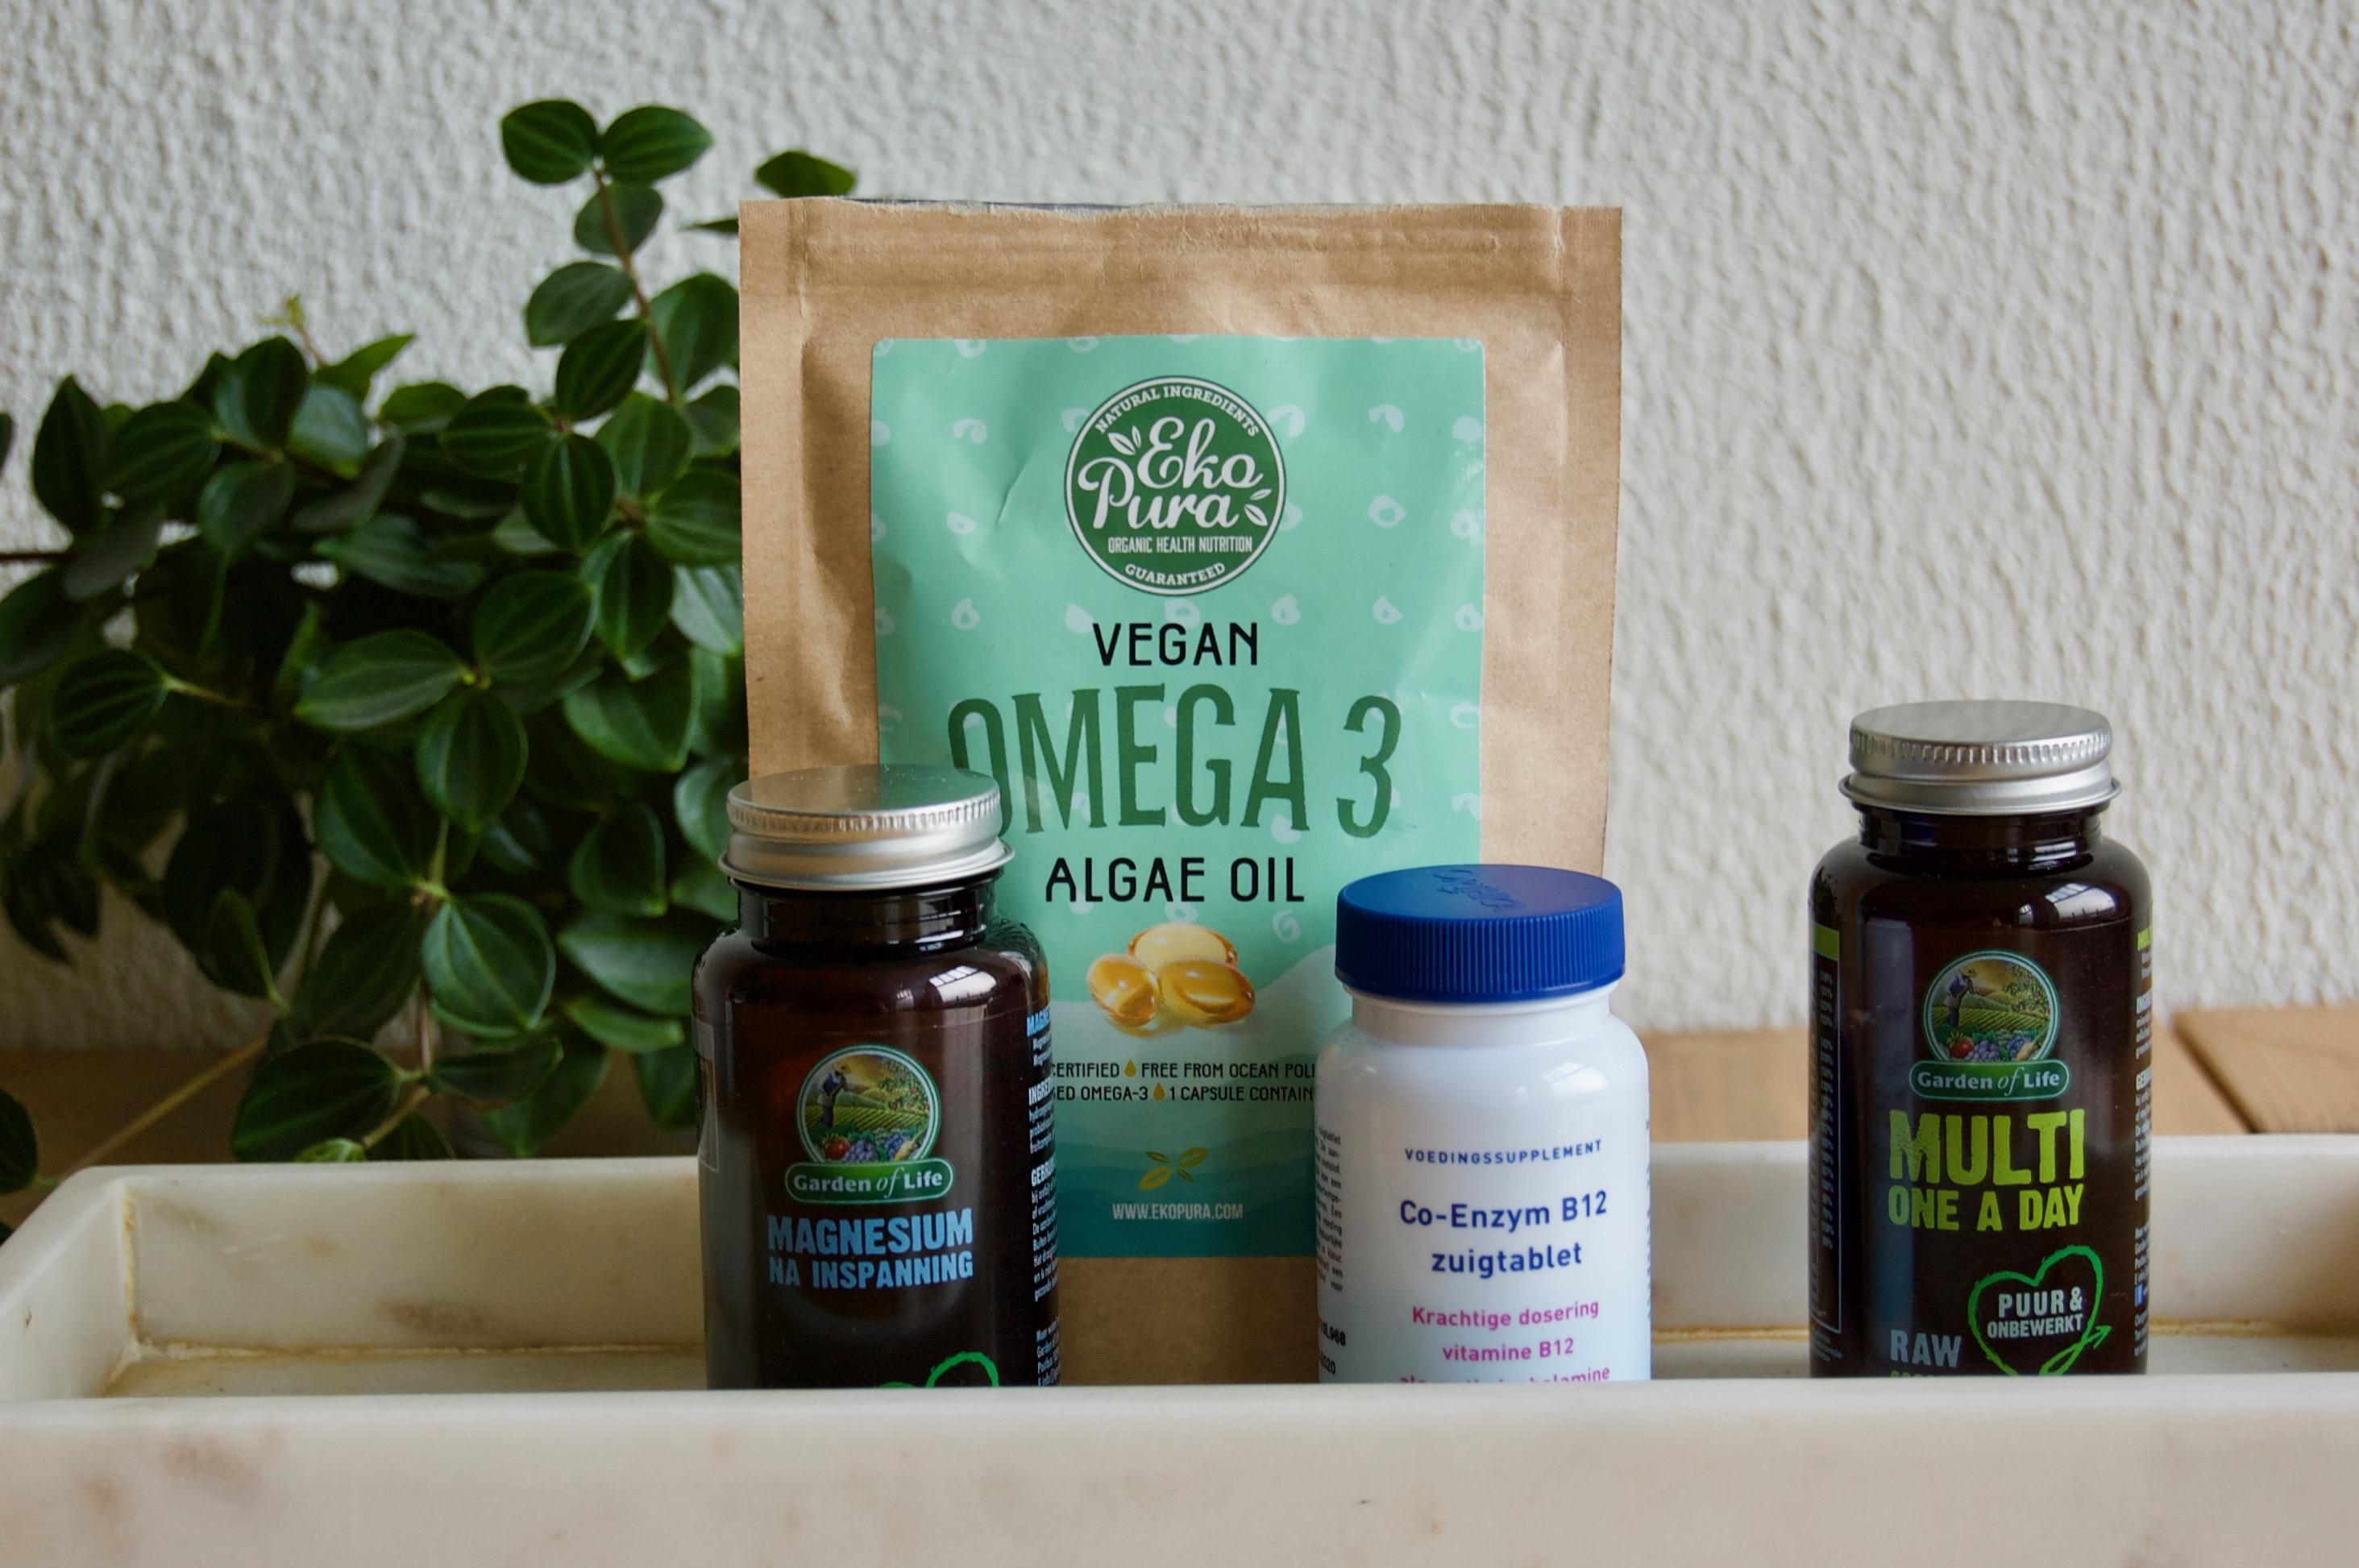 welke vitaminen slikken vegans?